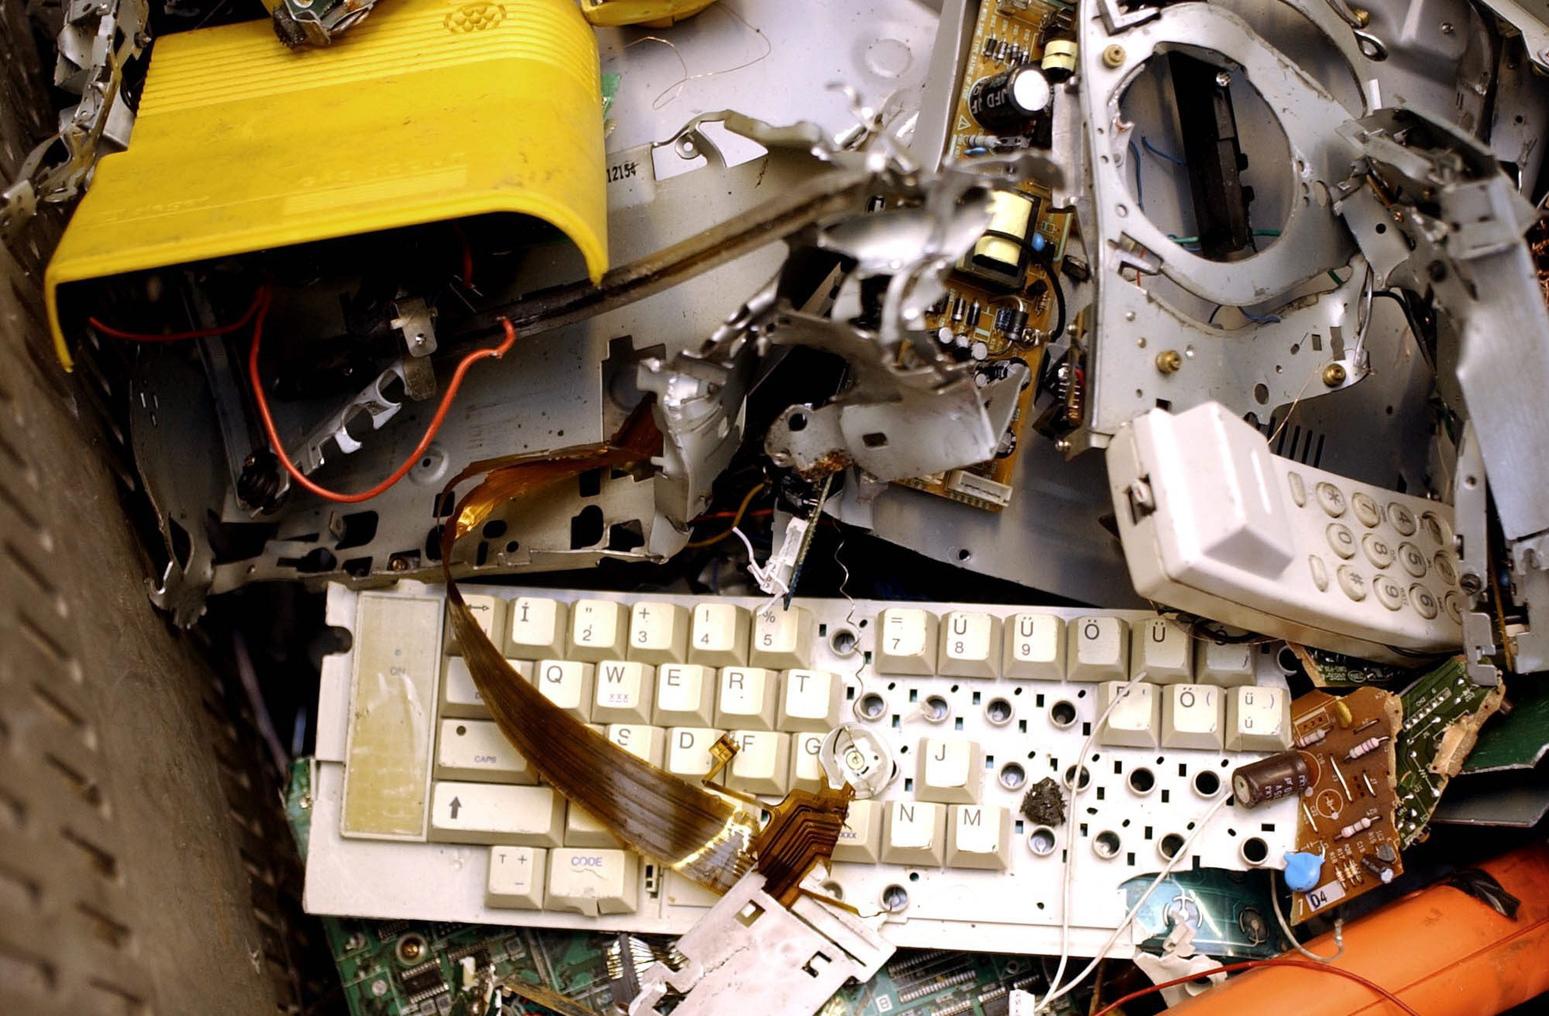 Budapest, 2008. szeptember 22. A szétszerelt elektronikai berendezéseket továbbhasznosításra elszállítják. Az FE-GROUP Zrt. 3 ezer tonna elektronikai hulladékot dolgoz fel évente kőbányai telephelyén. A cég a lakosságtól, áruházaktól, valamint szervizekből beérkező televíziók, számítógépek, hűtőszekrények bontását, valamint az alkatrészek szortírozását végzi. MTI Fotó: Balaton József